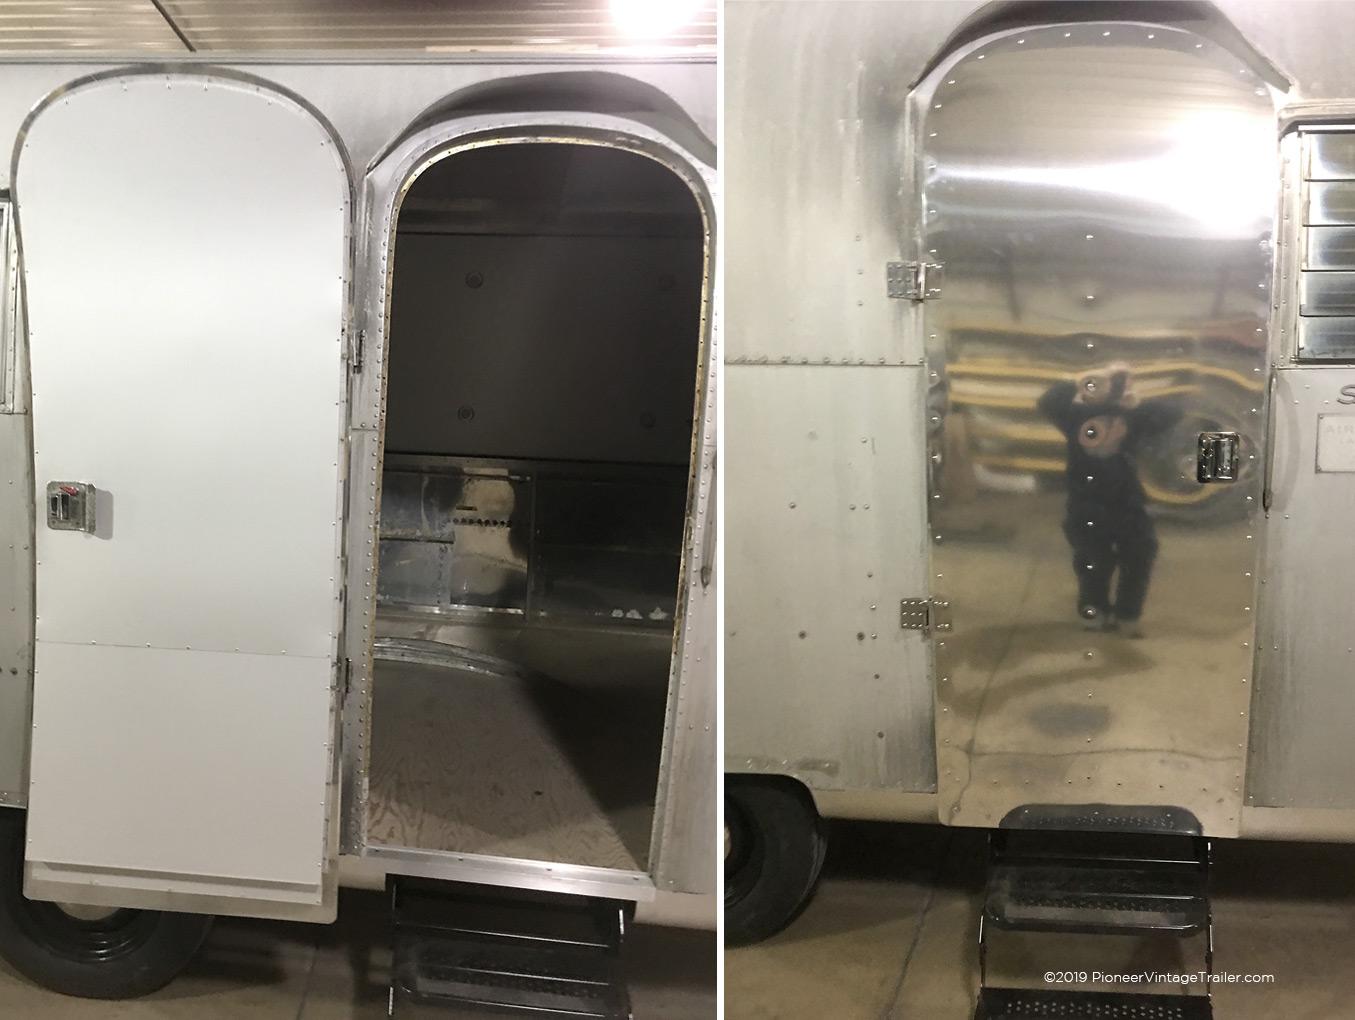 1964 airstream safari pioneer vintage trailer - Airstream replacement interior panels ...